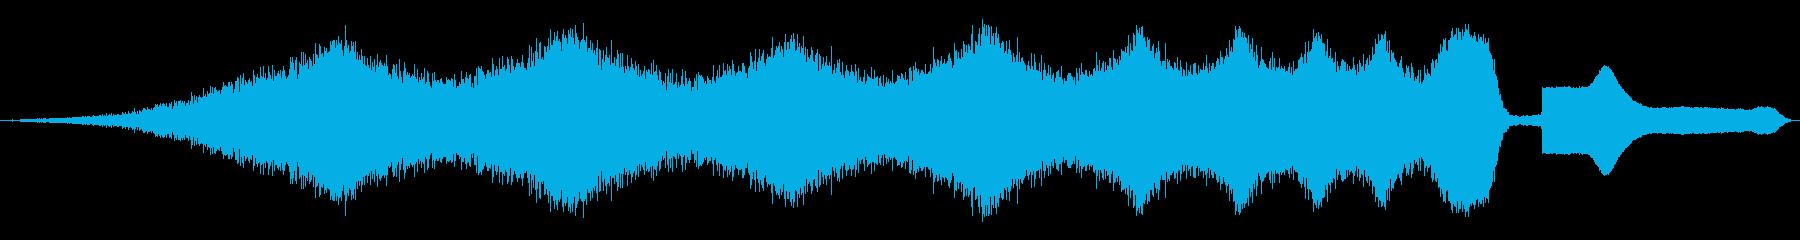 左右チャンネルのパスバイ、SCI ...の再生済みの波形